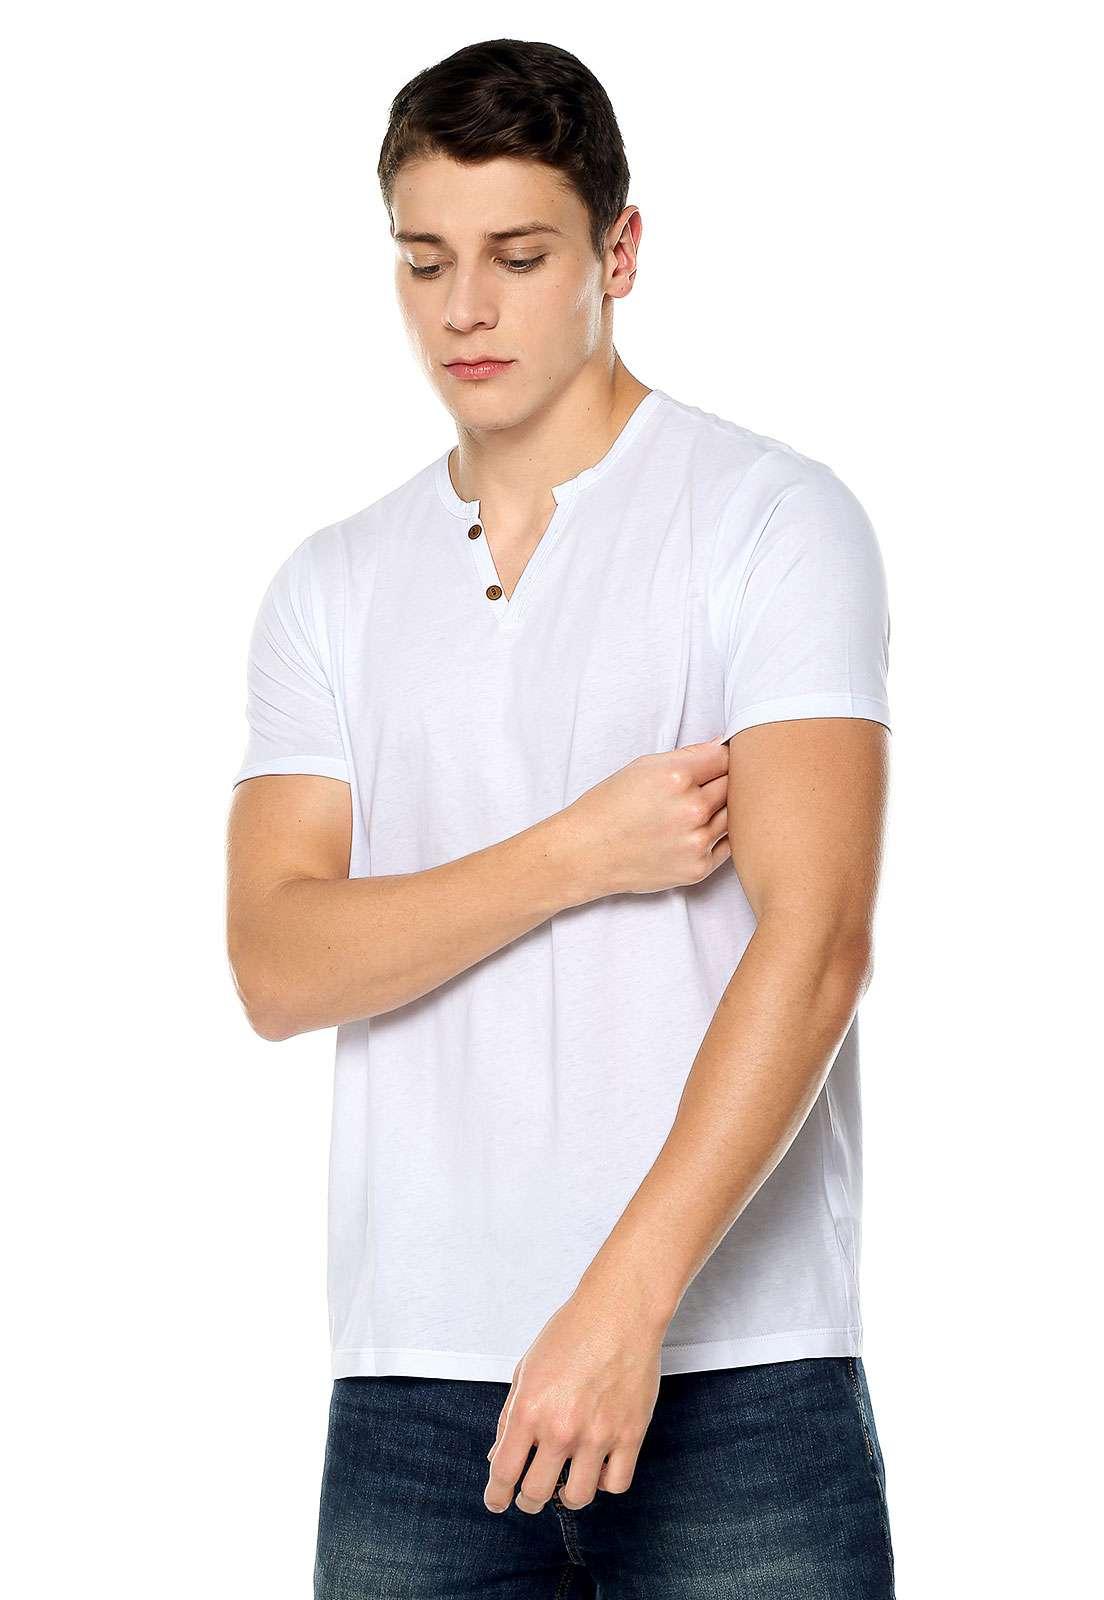 Camisetas de Hombre con Botones - Blanco